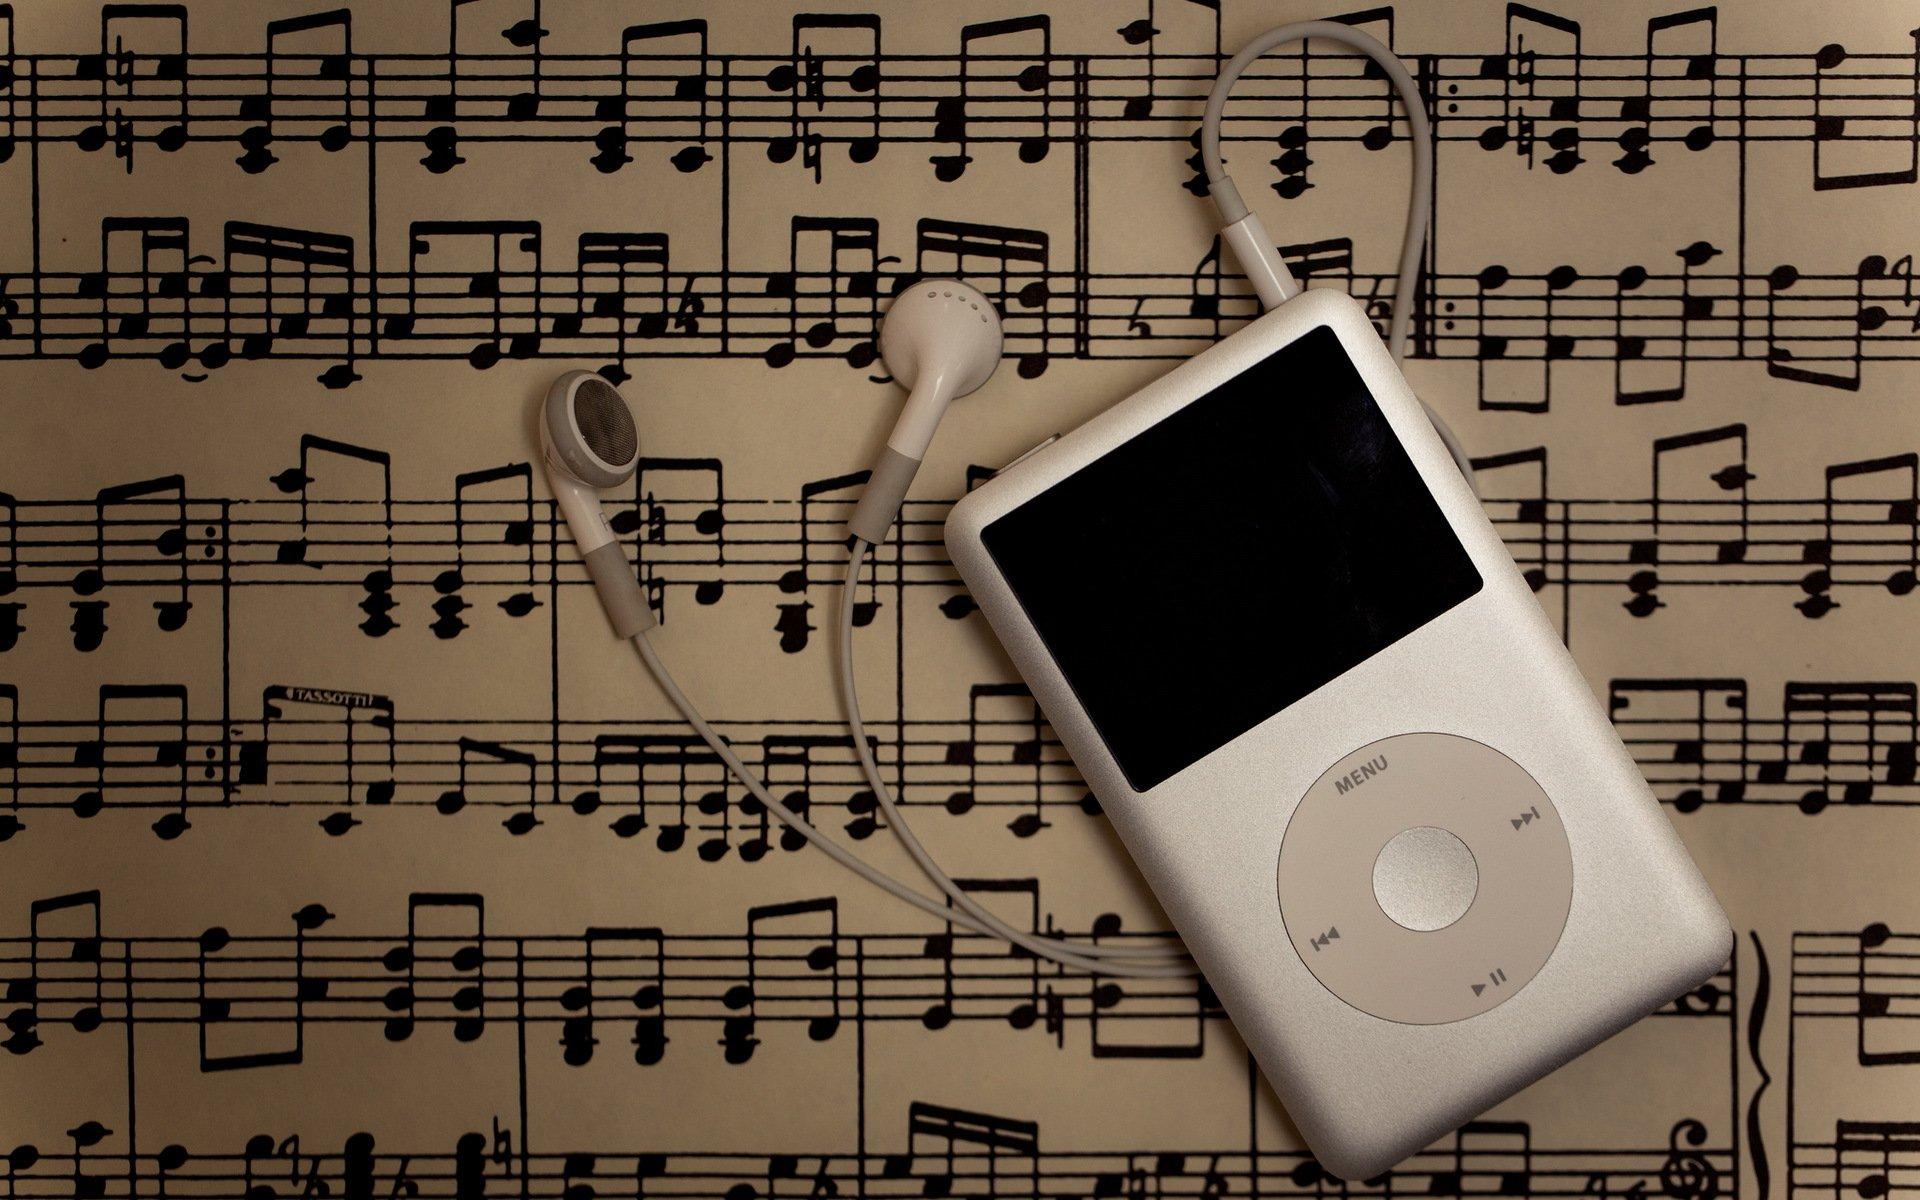 должен красивые мелодии на телефон древних времён